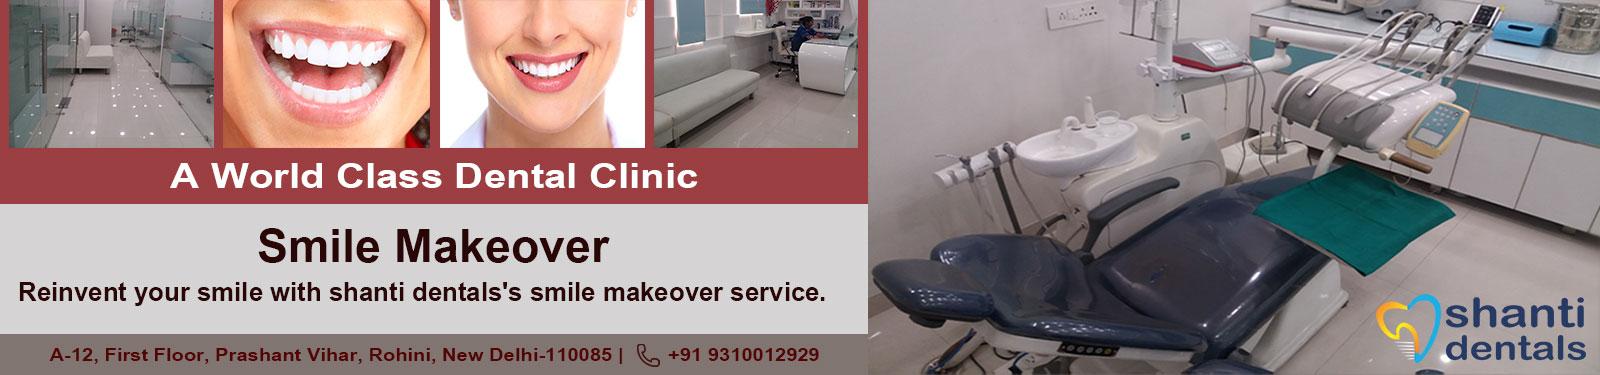 Smile Makeover Care in Rohini Delhi by Shanti Dentals